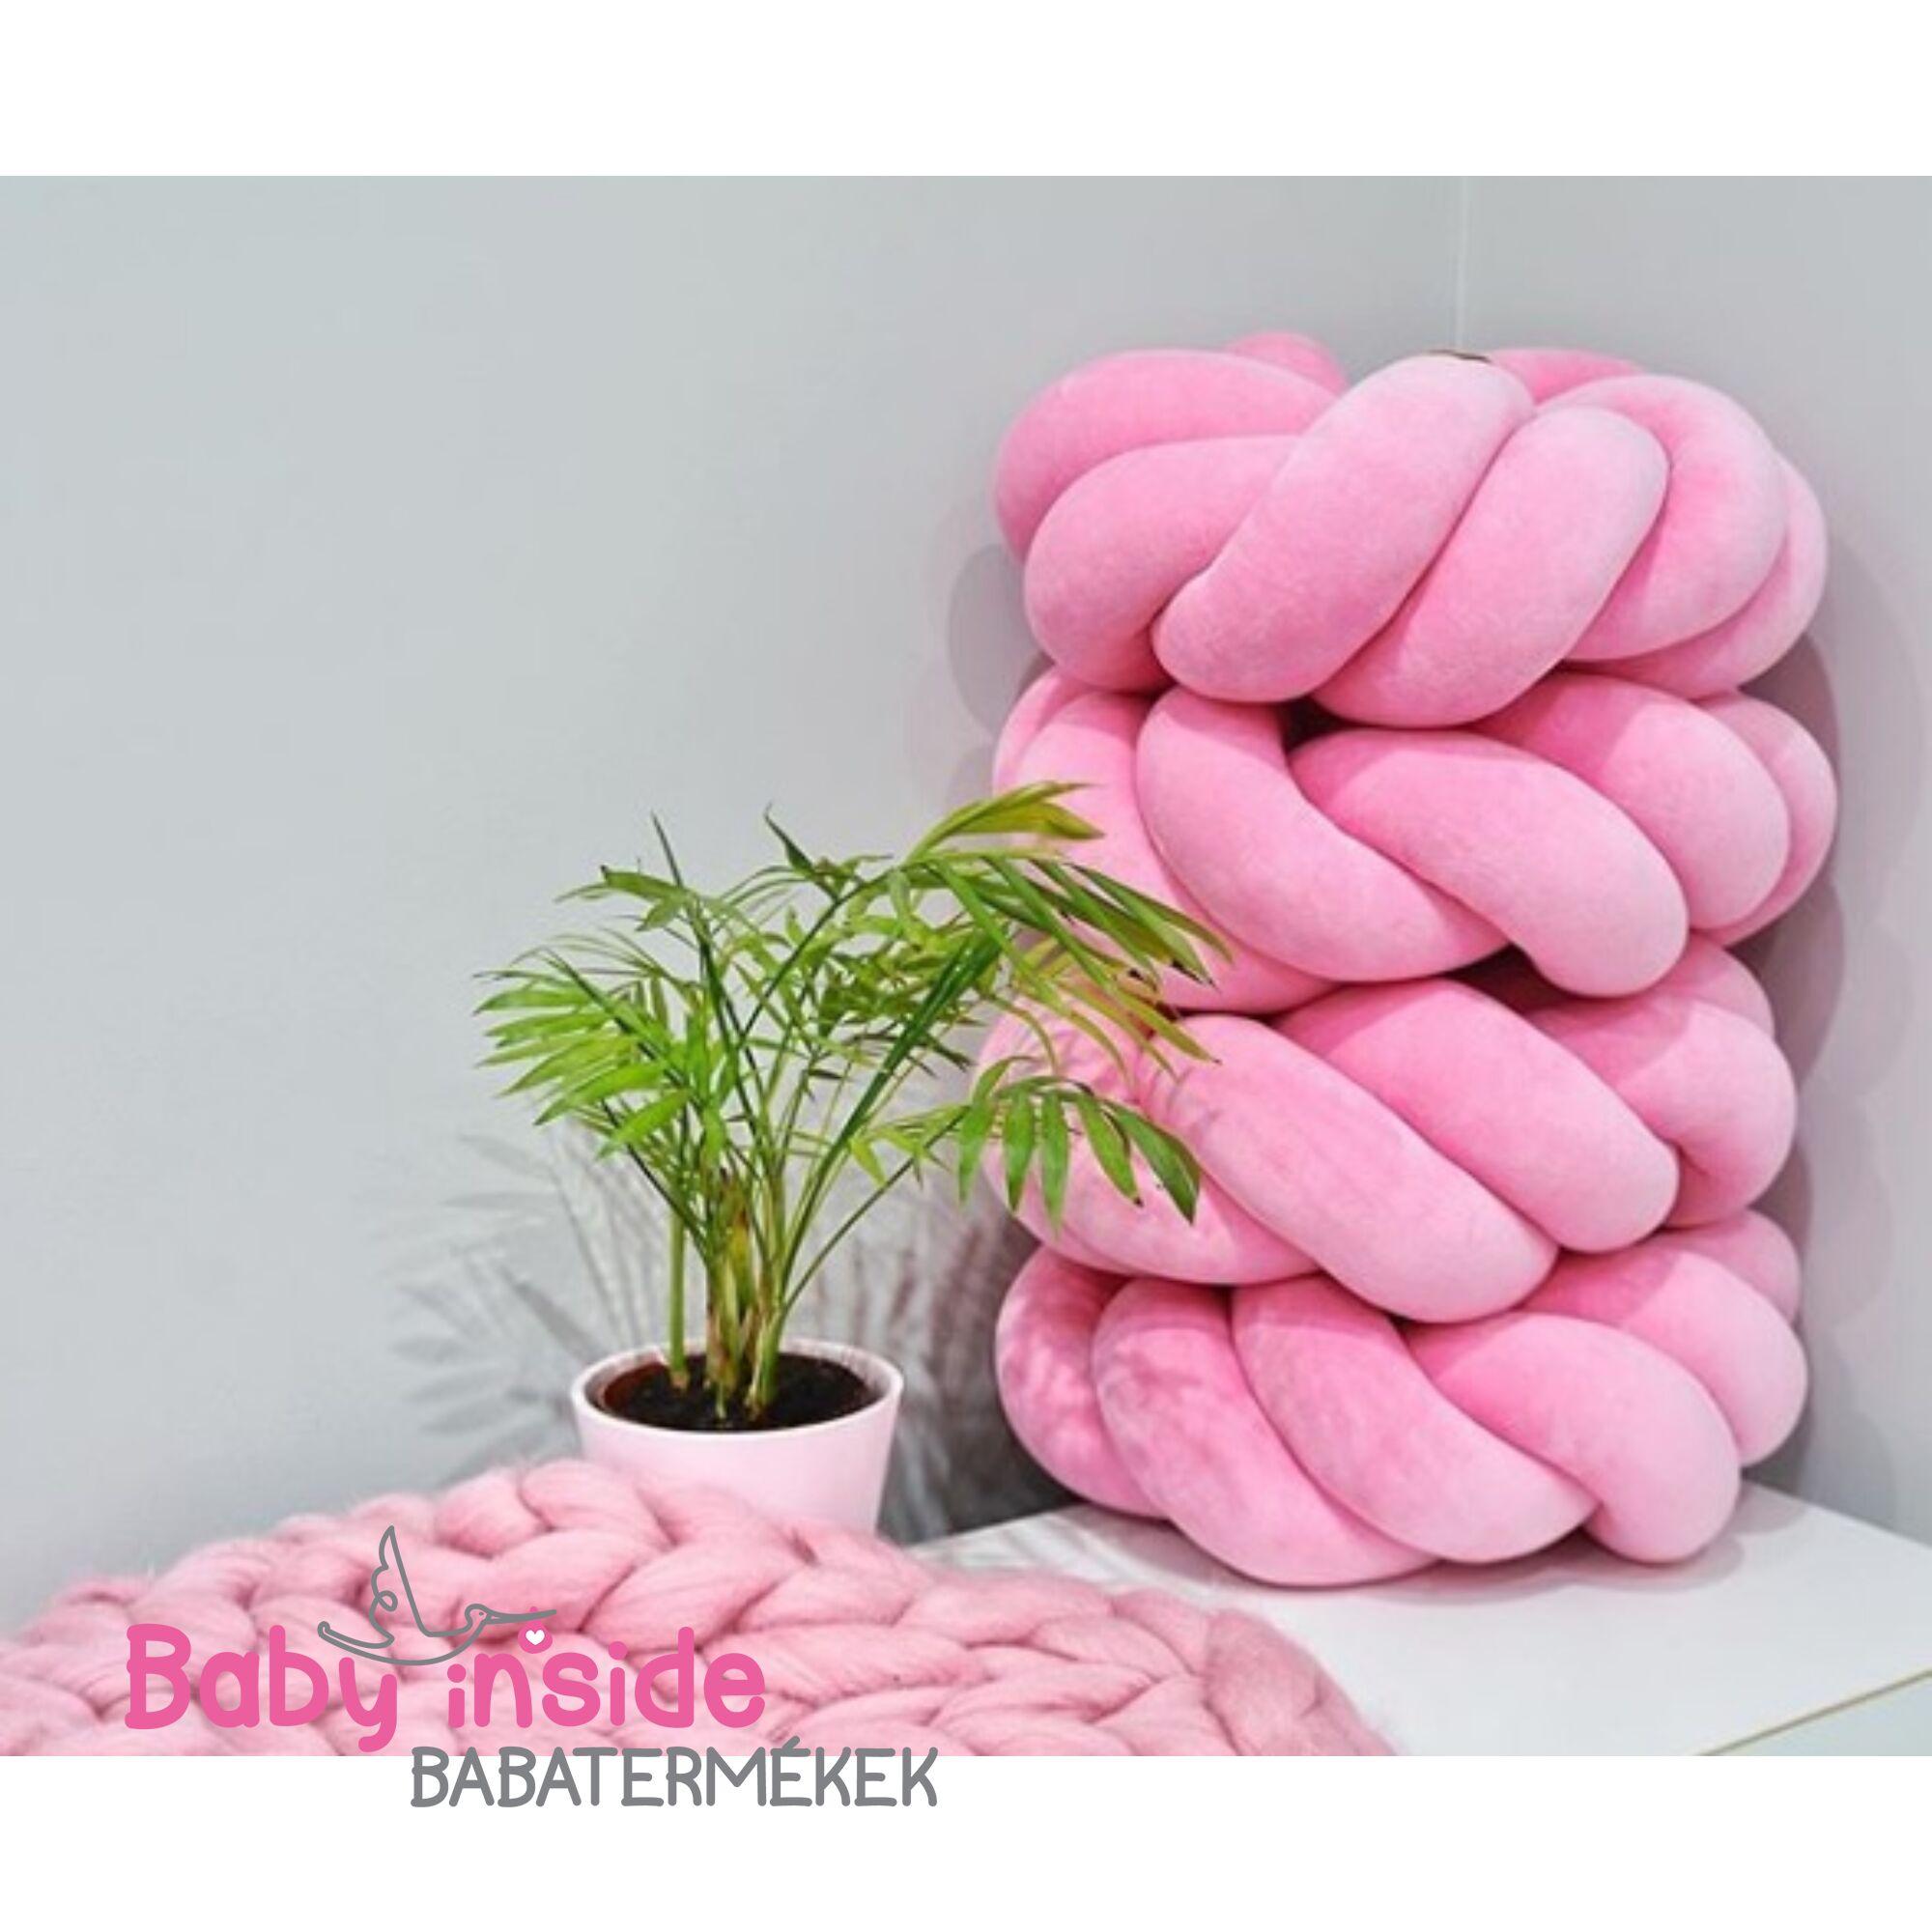 Csomó párna M-es méretben Pink